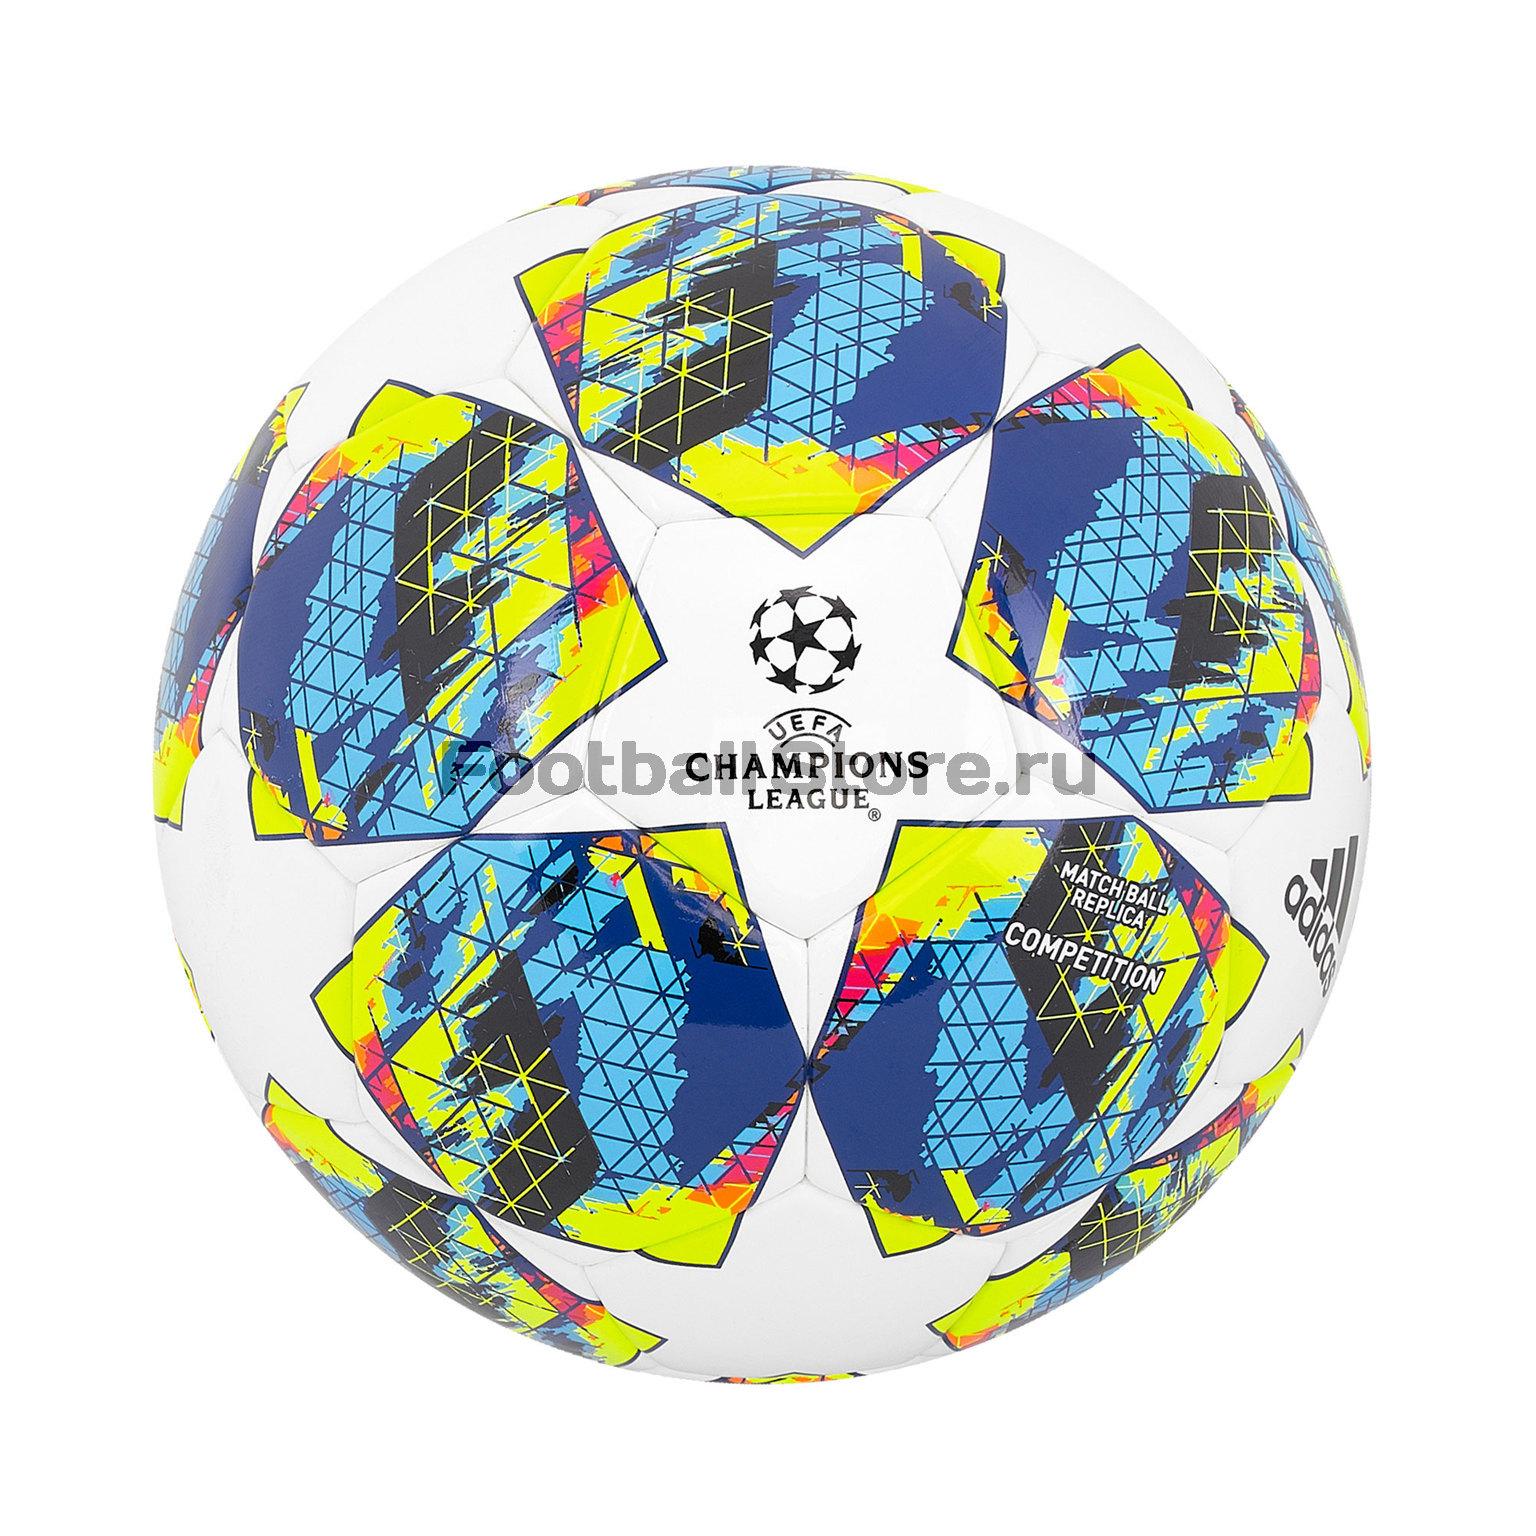 Футбольный мяч Adidas Finale Comp DY2562